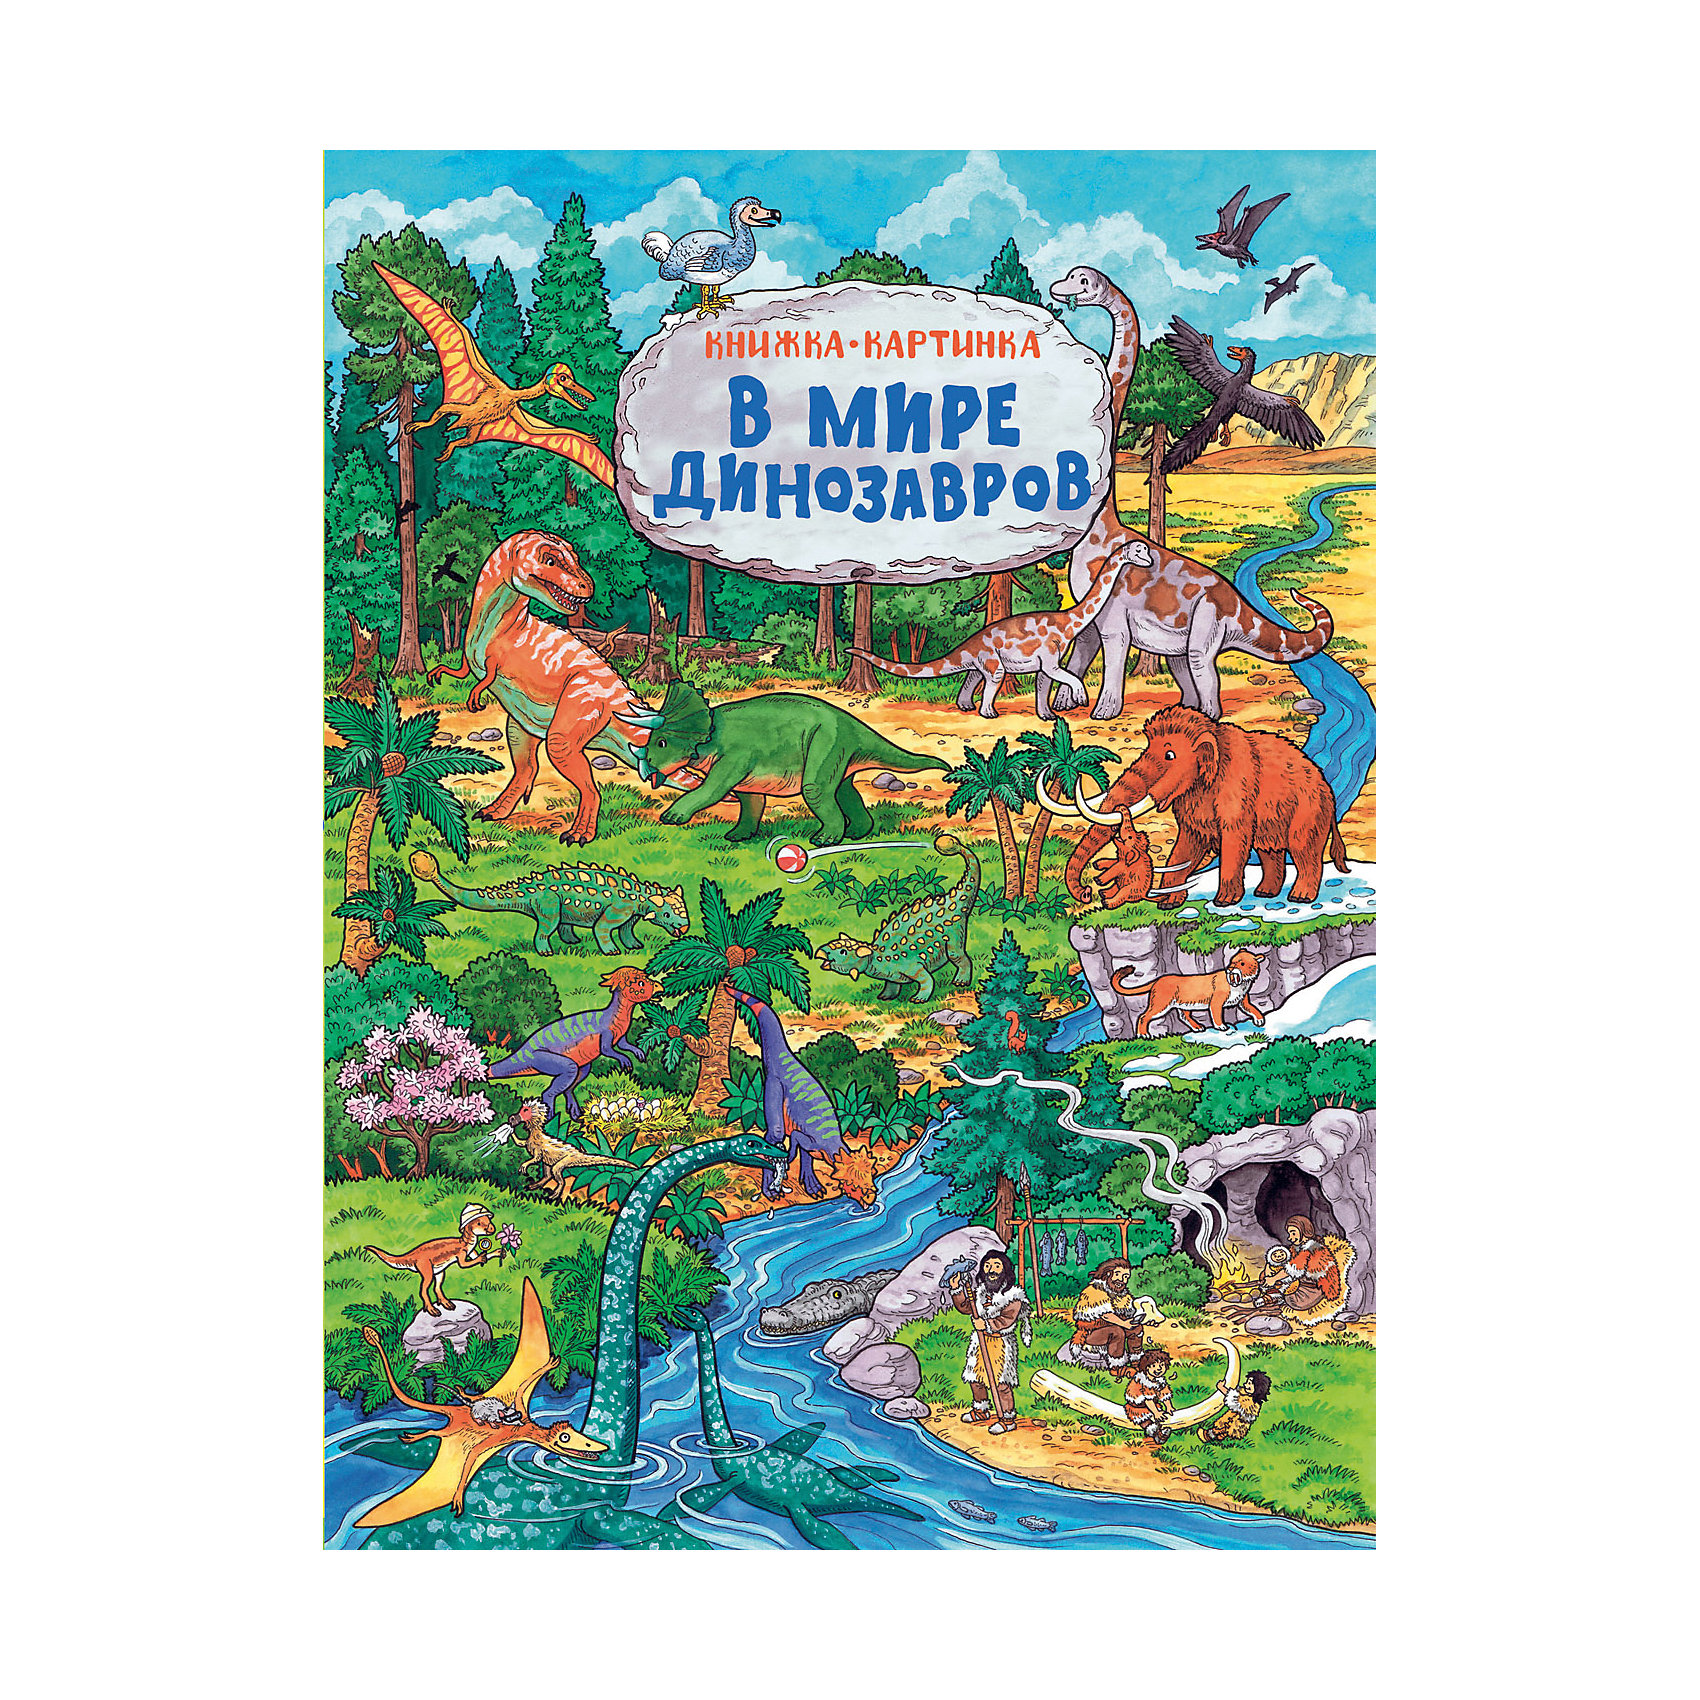 В мире динозавров (Книжка-картинка)Характеристики товара:<br><br>- цвет: разноцветный;<br>- материал: бумага;<br>- страниц: 14;<br>- формат: 32 x 24 см;<br>- обложка: твердая;<br>- цветные иллюстрации.<br><br>Эта интересная книга с иллюстрациями станет отличным подарком для ребенка. Талантливый иллюстратор дополнил книгу качественными рисунками, которые можно рассматривать бесконечно!<br>Чтение и рассматривание картинок даже в юном возрасте помогает ребенку развивать зрительную память, концентрацию внимания и воображение. Издание произведено из качественных материалов, которые безопасны даже для самых маленьких.<br><br>Книгу В мире динозавров (Книжка-картинка) от компании Росмэн можно купить в нашем интернет-магазине.<br><br>Ширина мм: 315<br>Глубина мм: 235<br>Высота мм: 10<br>Вес г: 375<br>Возраст от месяцев: 0<br>Возраст до месяцев: 36<br>Пол: Унисекс<br>Возраст: Детский<br>SKU: 5110050